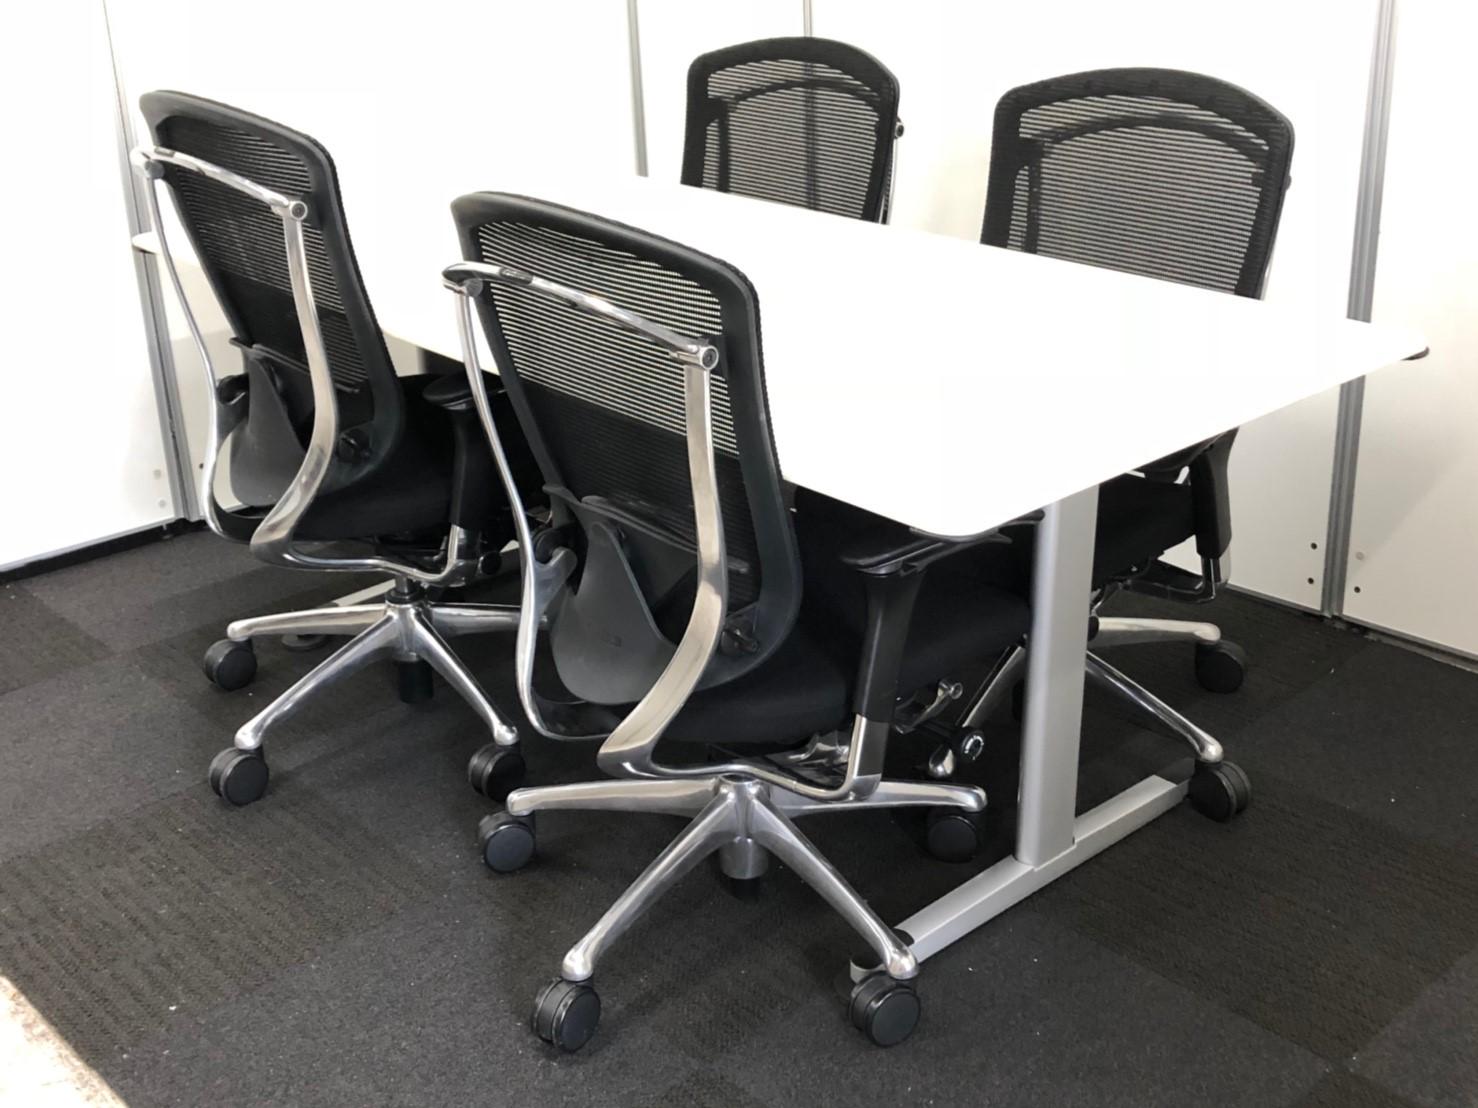 【通常売価30万以上】コクヨ製テーブル+オカムラ製コンテッサチェア×4脚セット 大人気の商品を合わせました!一目置かれる事務所になる事間違え無し!?